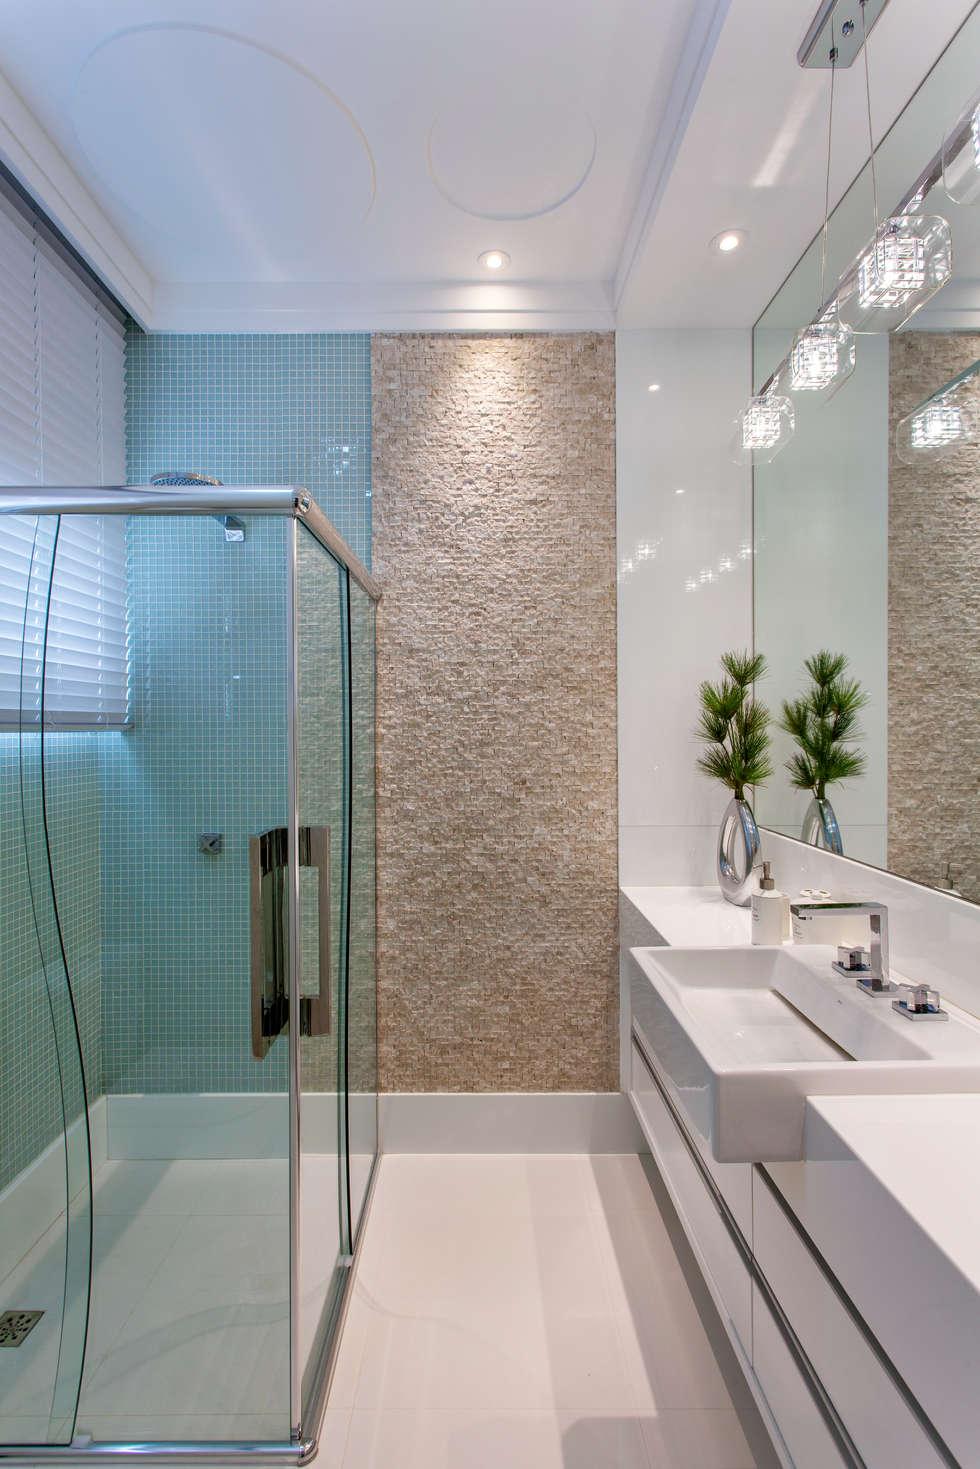 Fotos de decora o design de interiores e reformas homify for Ver pisos decorados